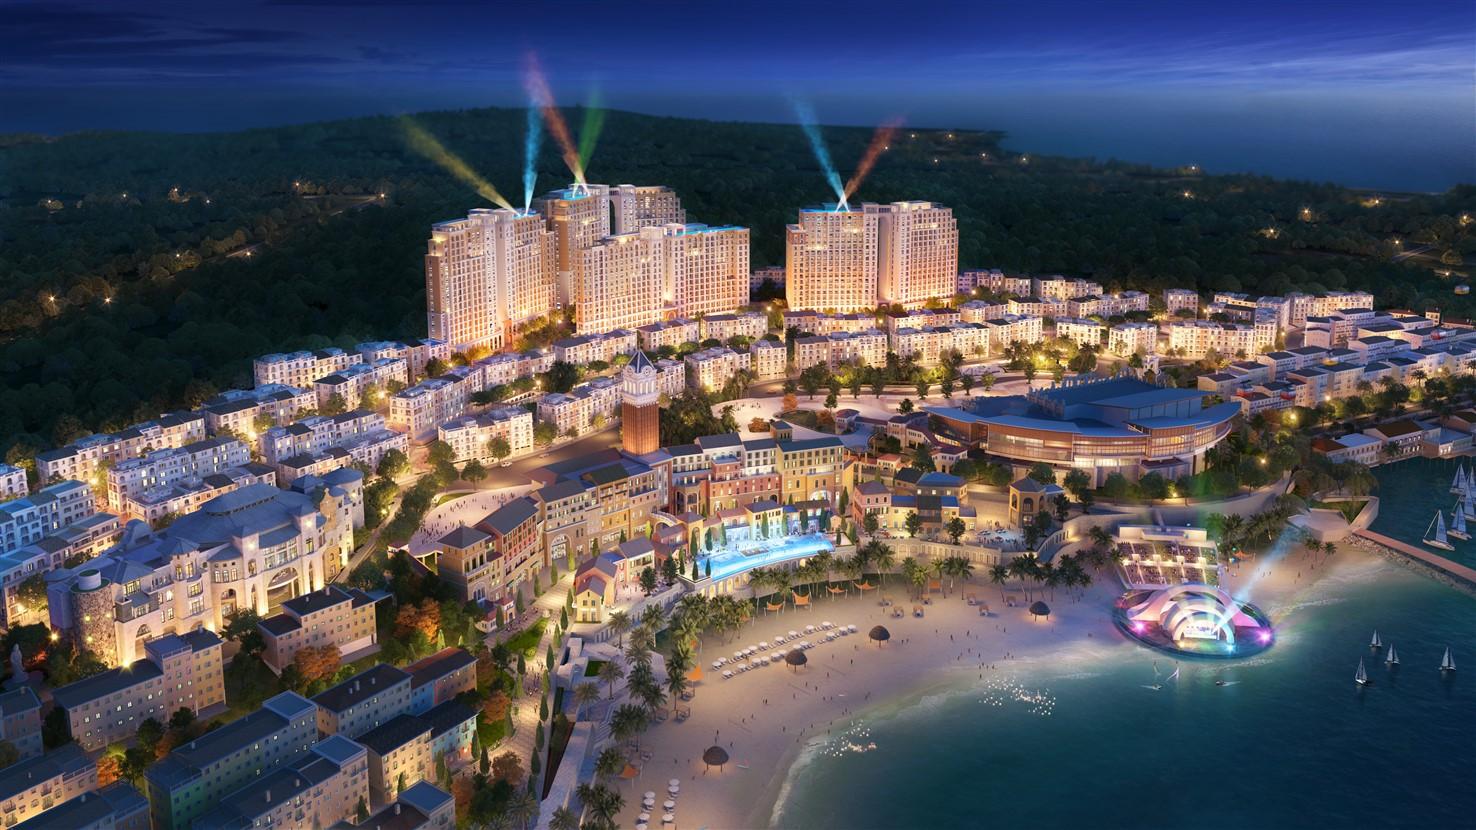 Thế giới lễ hội sôi động sẽ diễn ra tại các công trình kiến trúc đẳng cấp ở Nam Phú Quốc